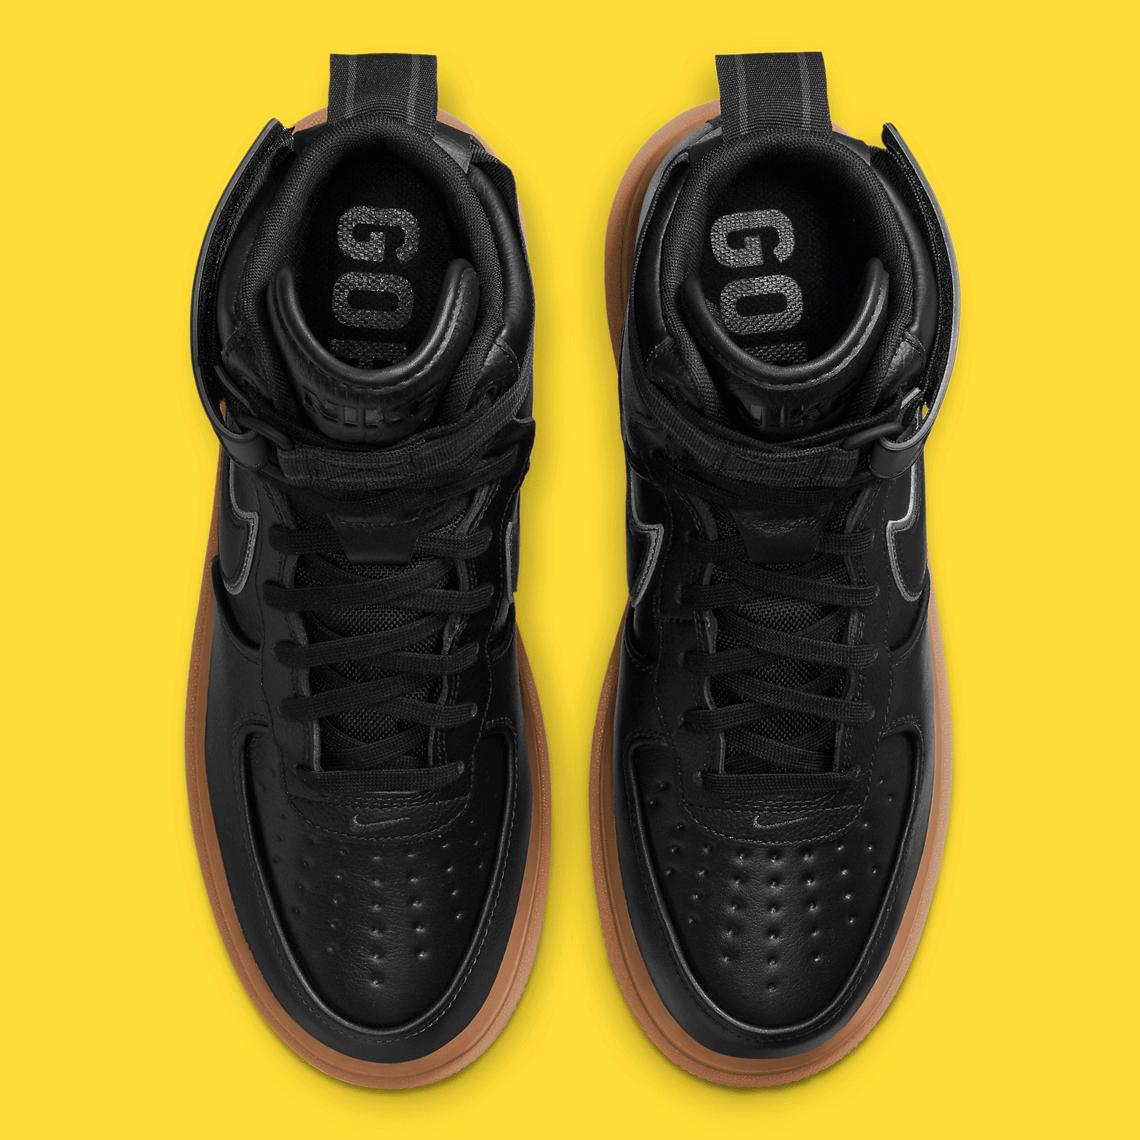 giay the thao hot tu 25-31.10.2020- Nike-Air-Force-1-High-elle man (3)